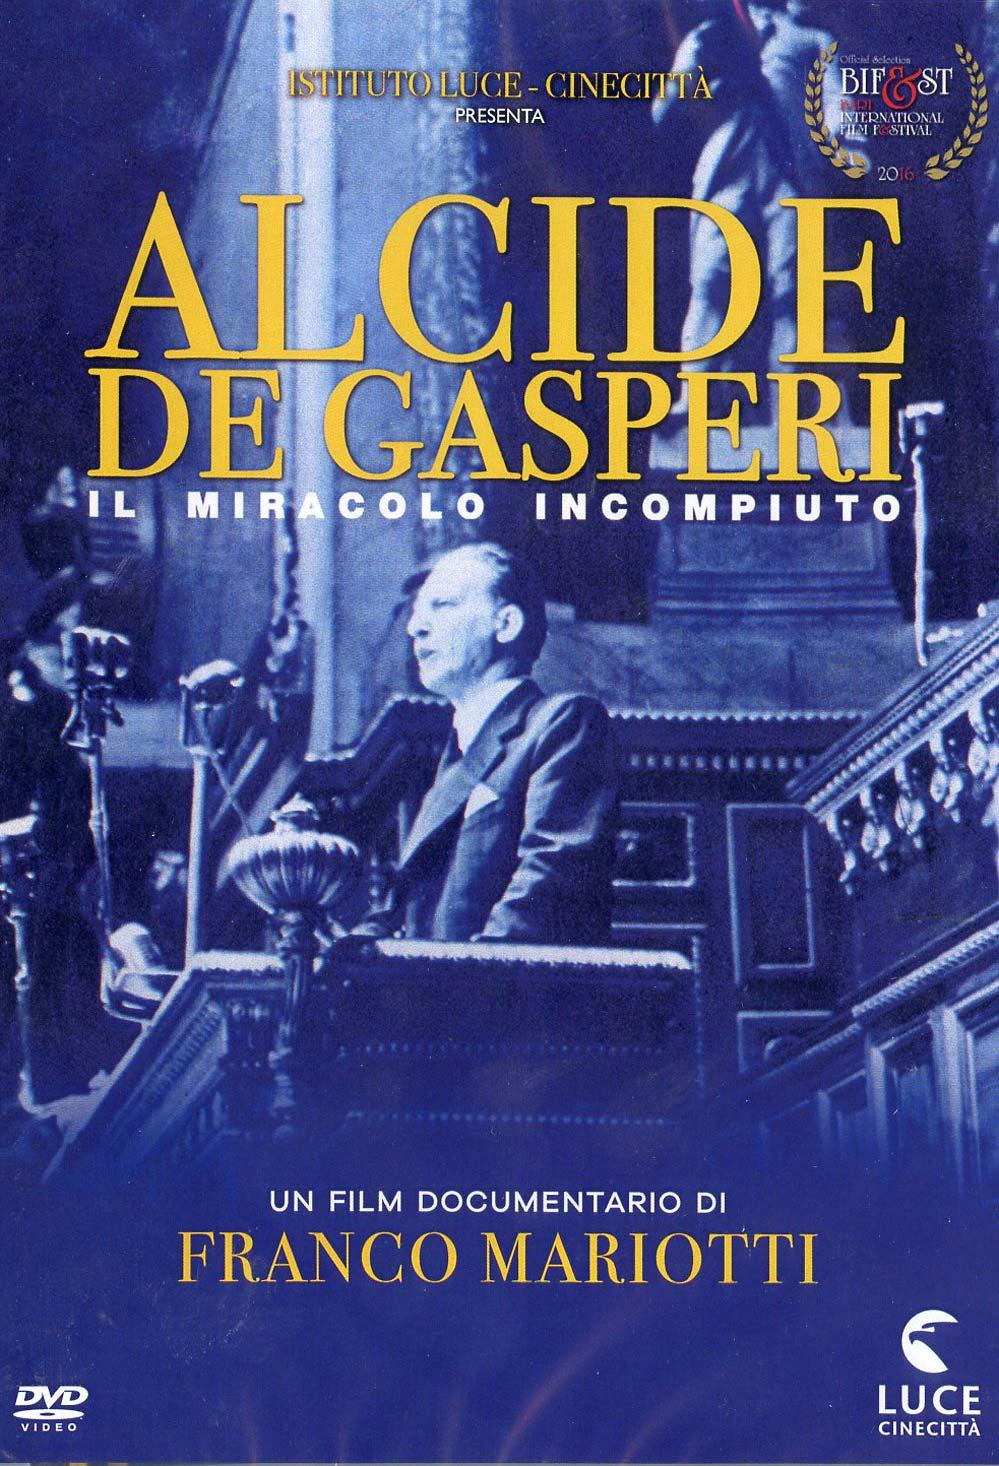 ALCIDE DE GASPERI - IL MIRACOLO INCOMPIUTO (DVD)